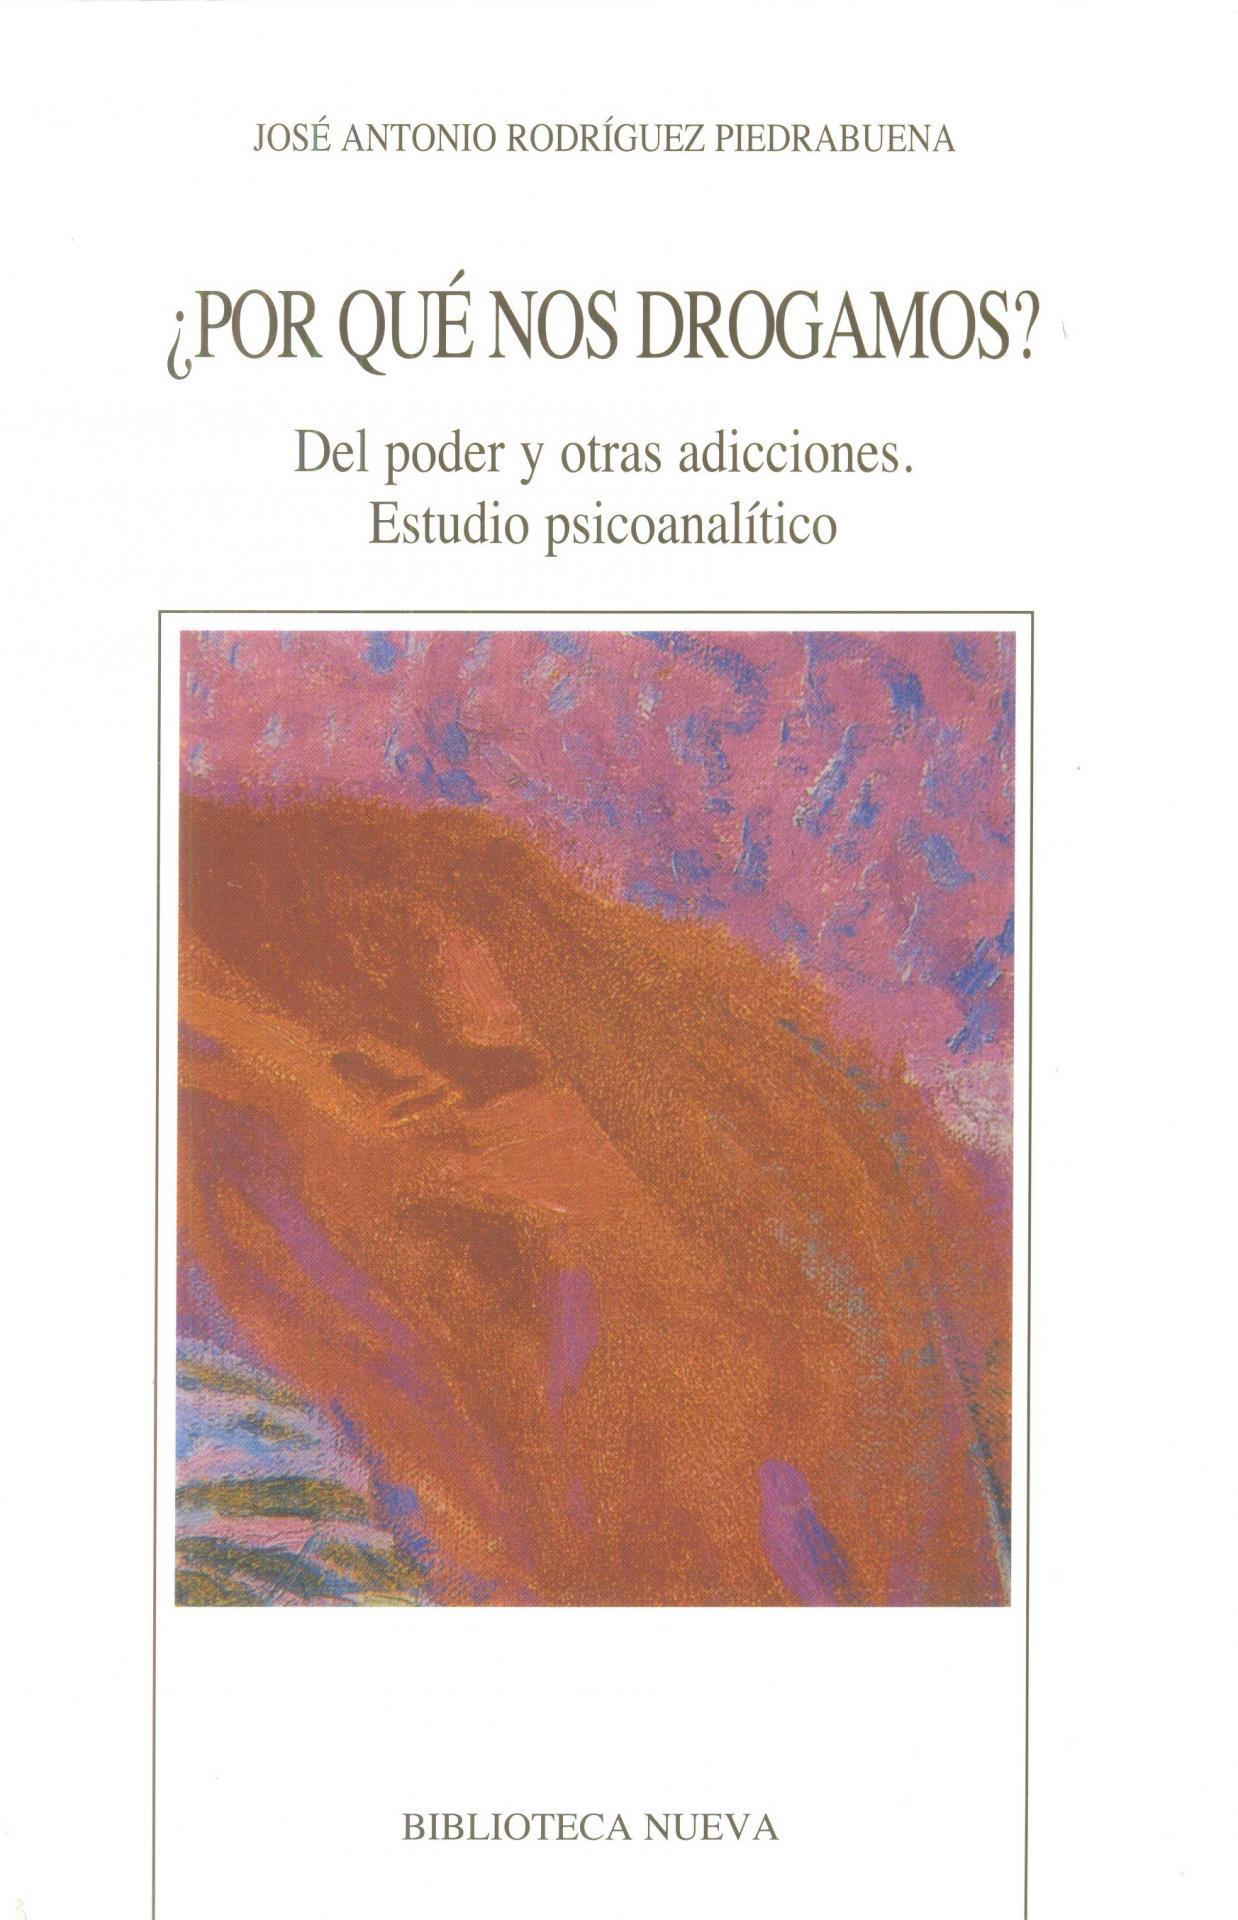 ¿POR QUÉ NO NOS DROGAMOS? Del poder y otras  adicciones. Estudio psicoanalítico.  Rodríguez Piedrabuena, JA.